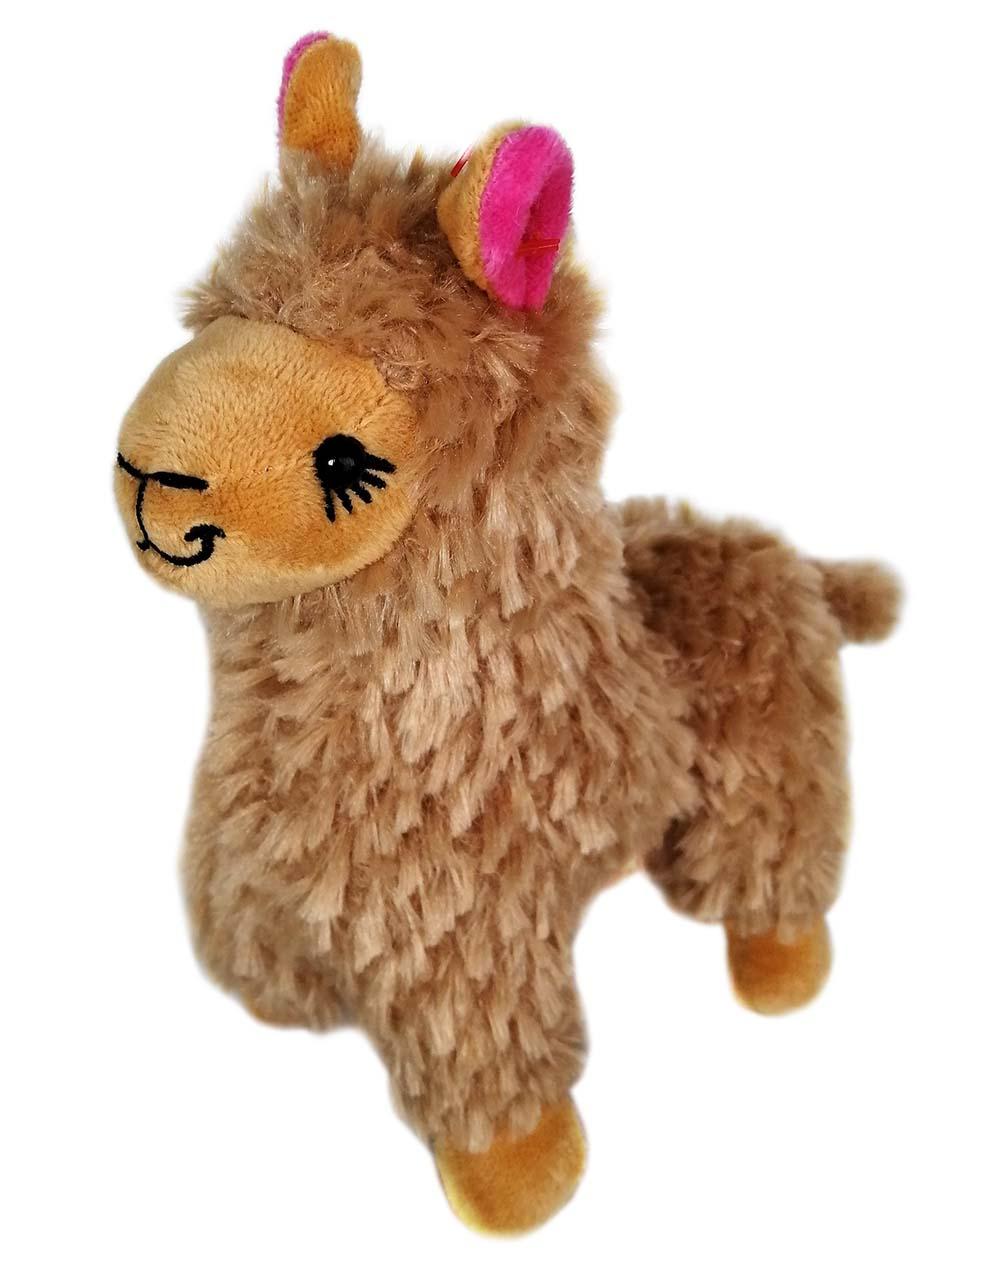 """Мягкая игрушка из плюша """"Лама"""", размер 17см,2 цвета микс,в пакете (Арт. MR32)"""